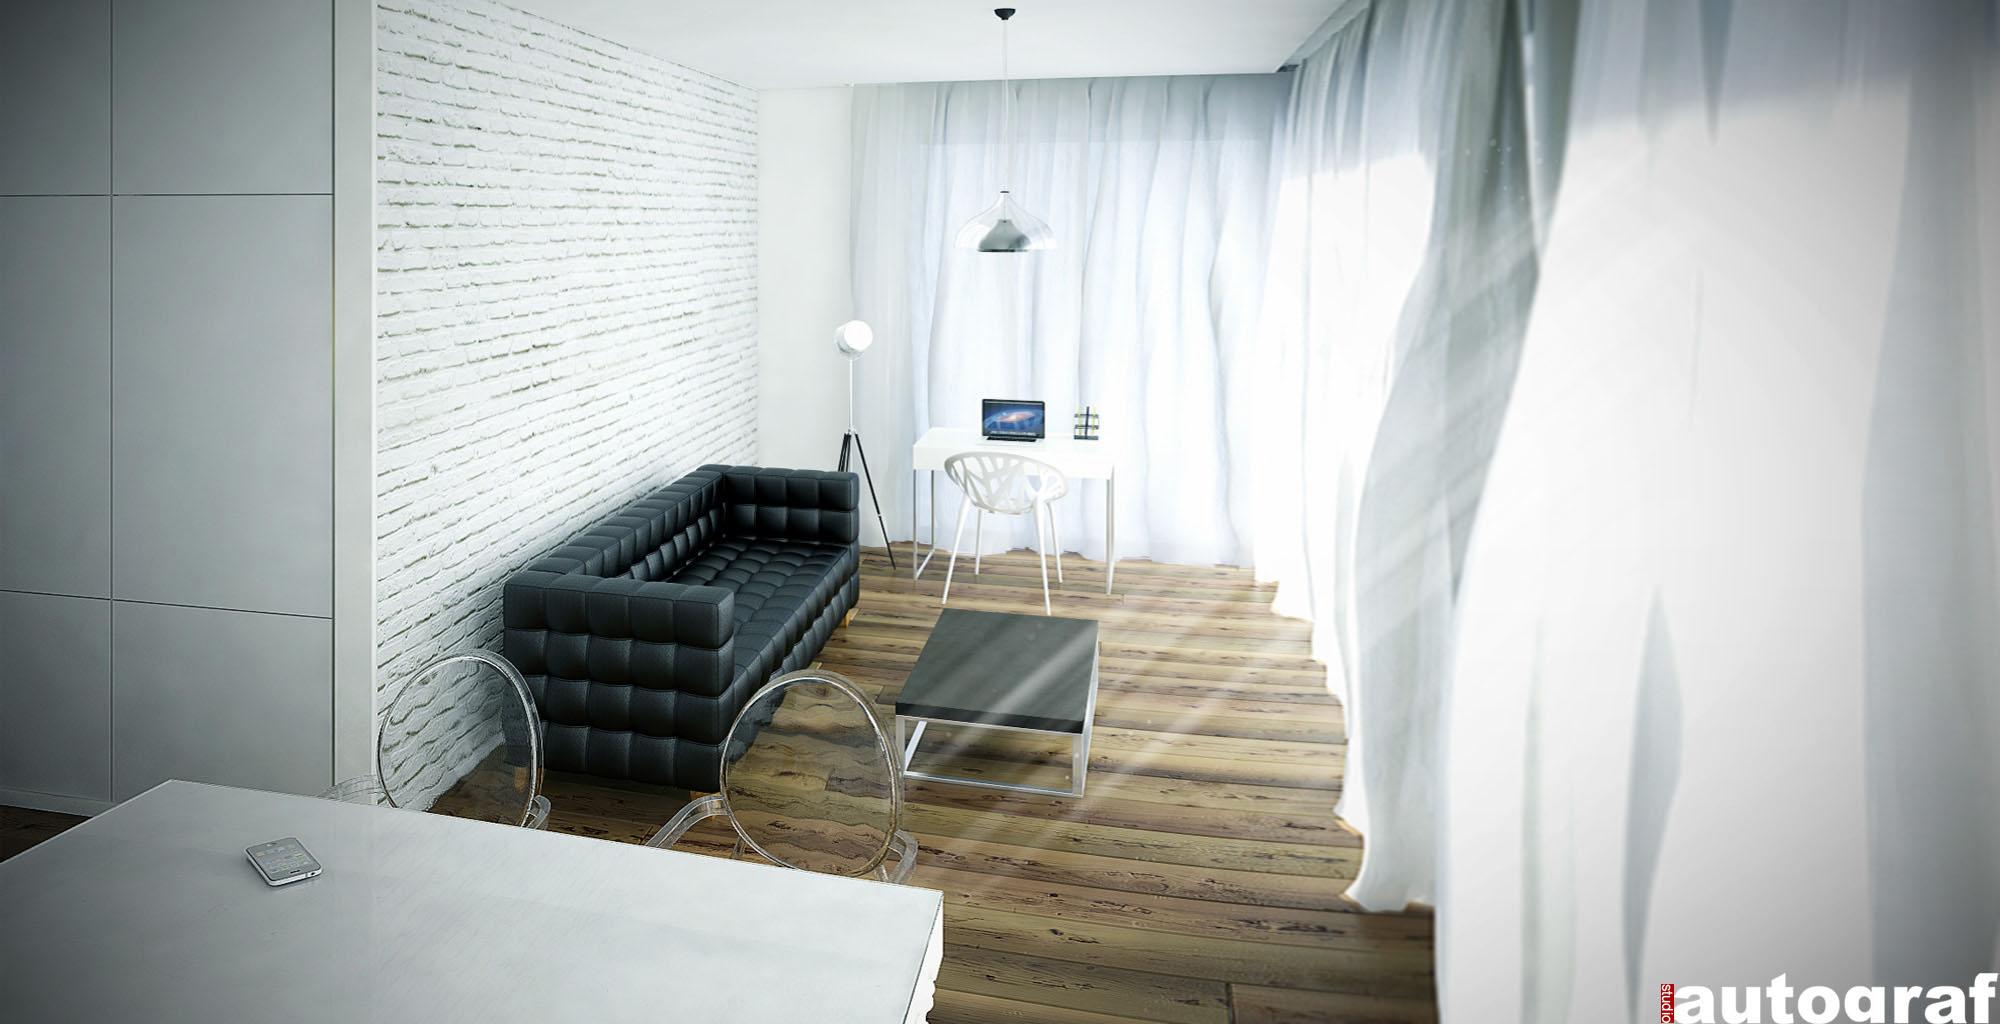 Apartament z widokiem na Wisłę - wizualizacja 5